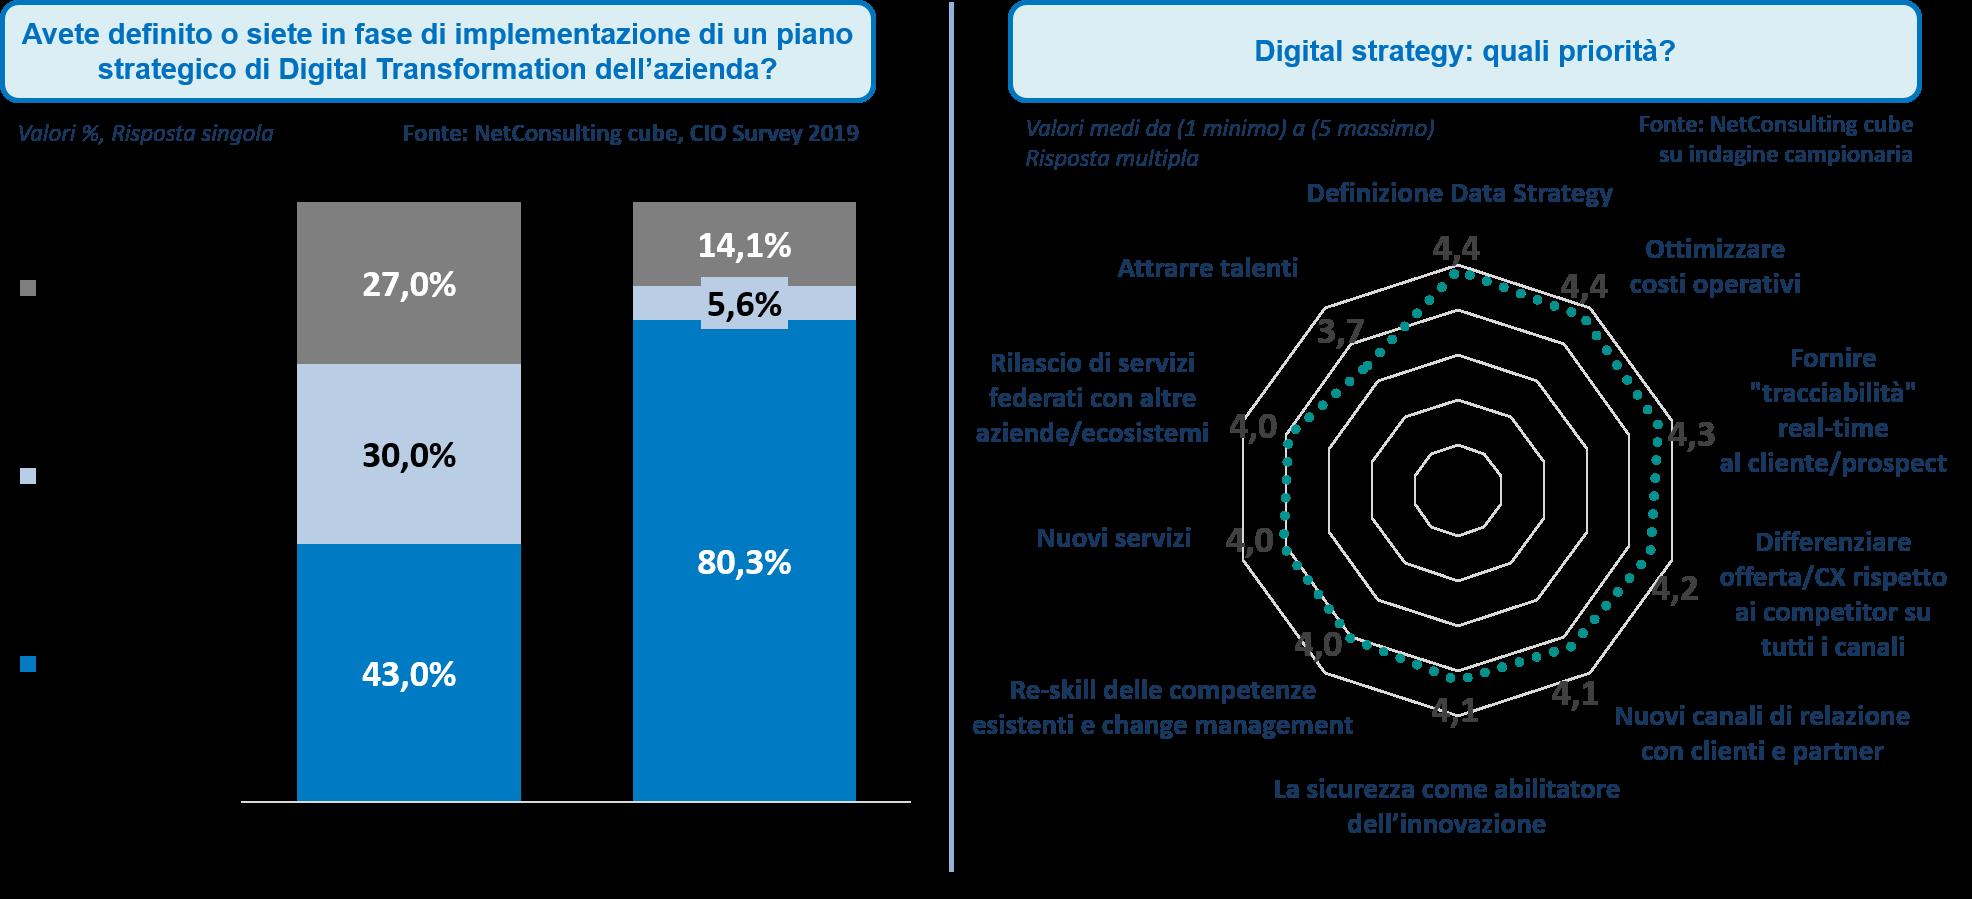 Presenza di un piano strutturato di digital transformation e digital strategy -Fonte: NetConsulting cube, CIO Survey 2019